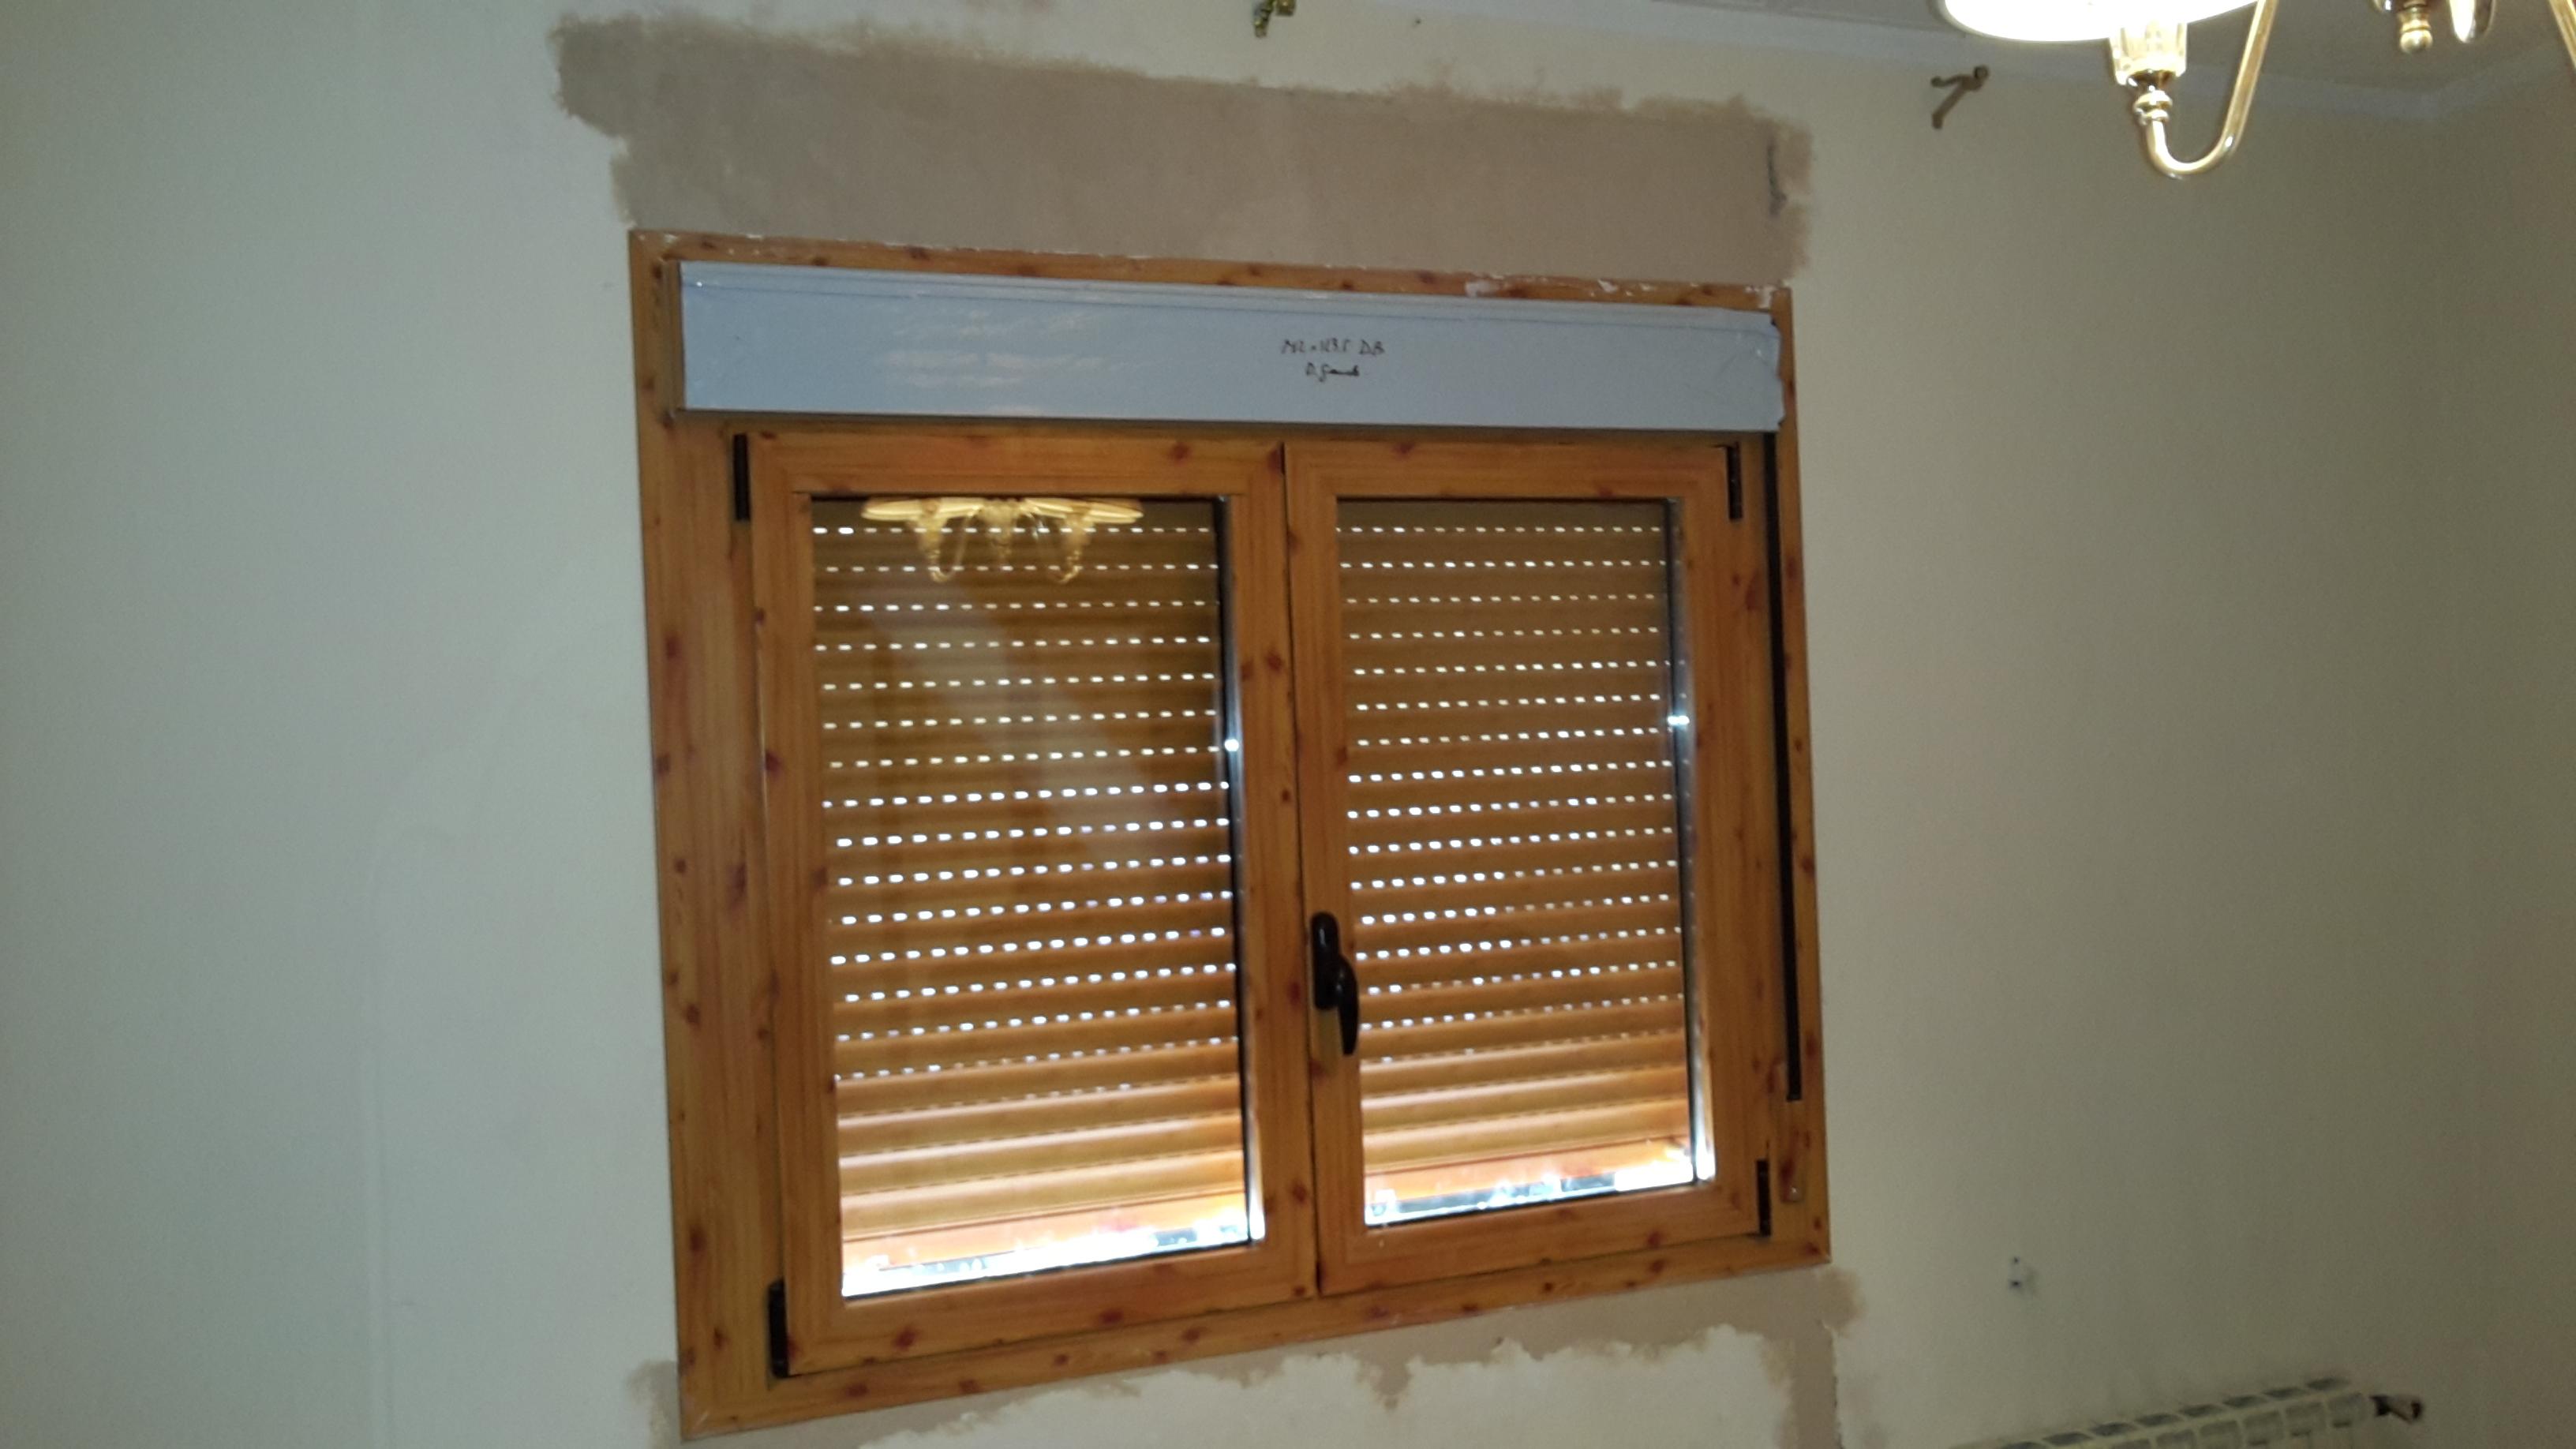 Ventanas de aluminio archivos montajes de aluminio dg for Ventanas pvc color madera